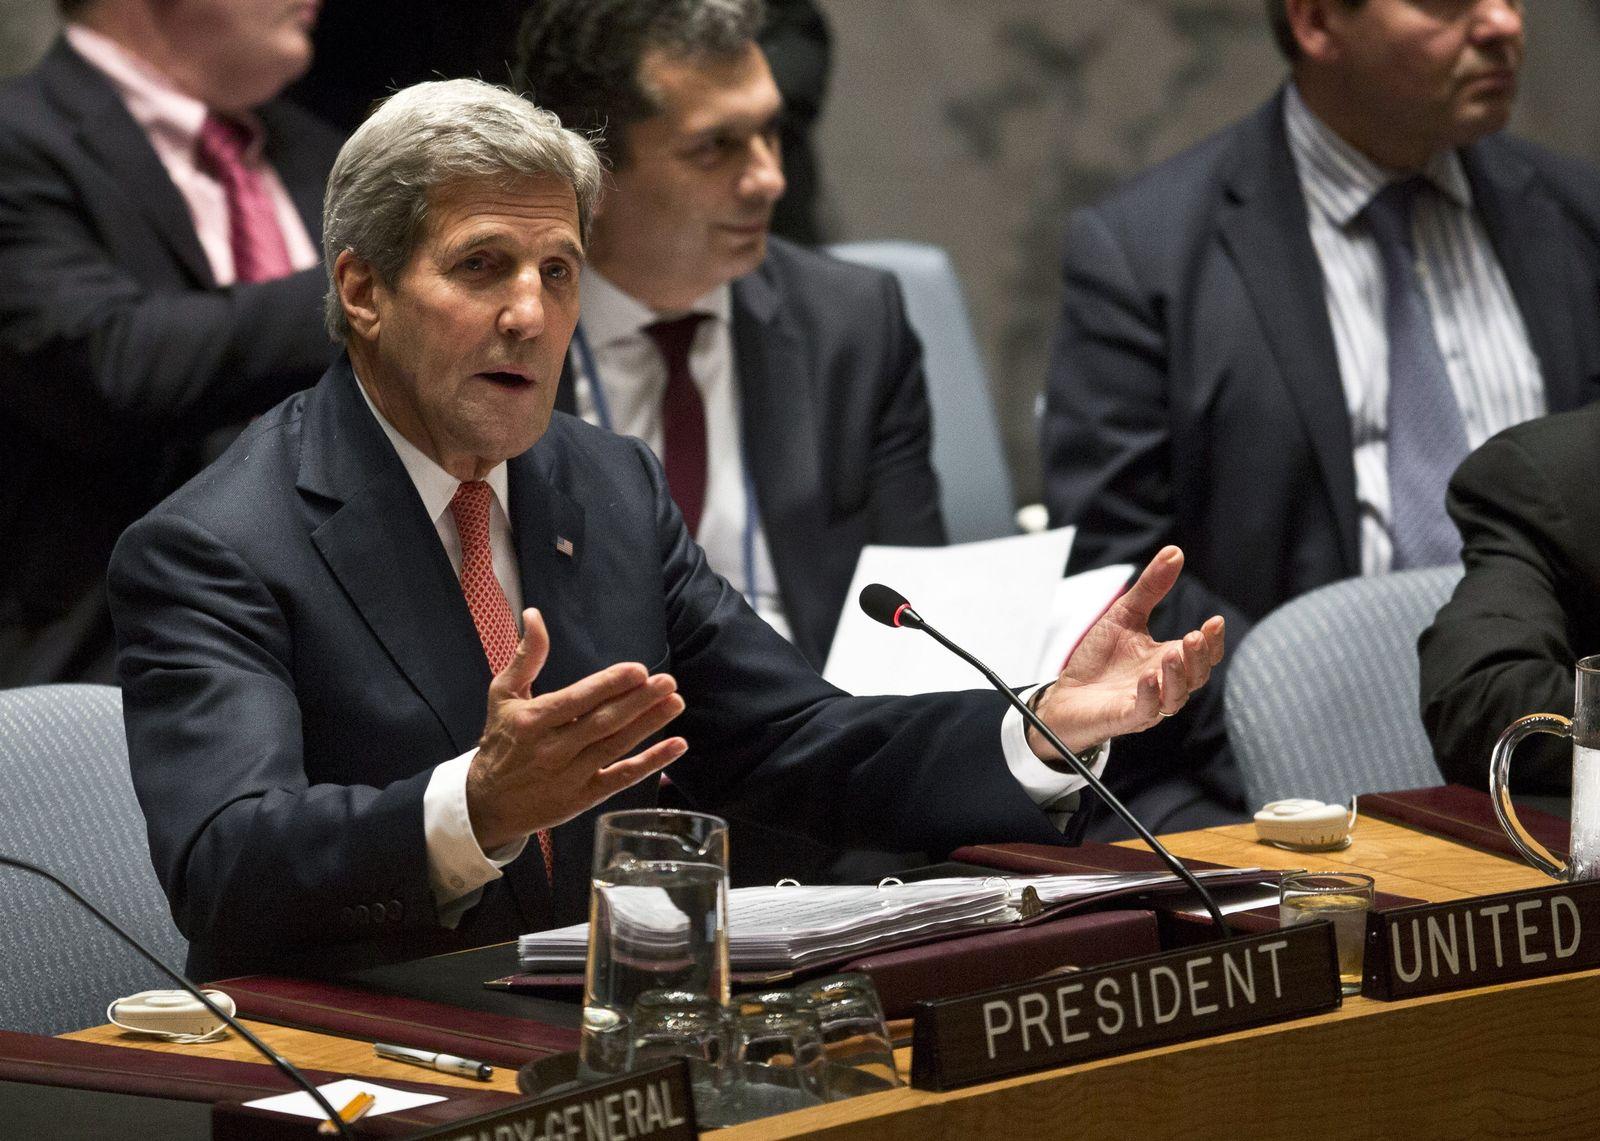 Kerry Uno-Sicherheitsrat